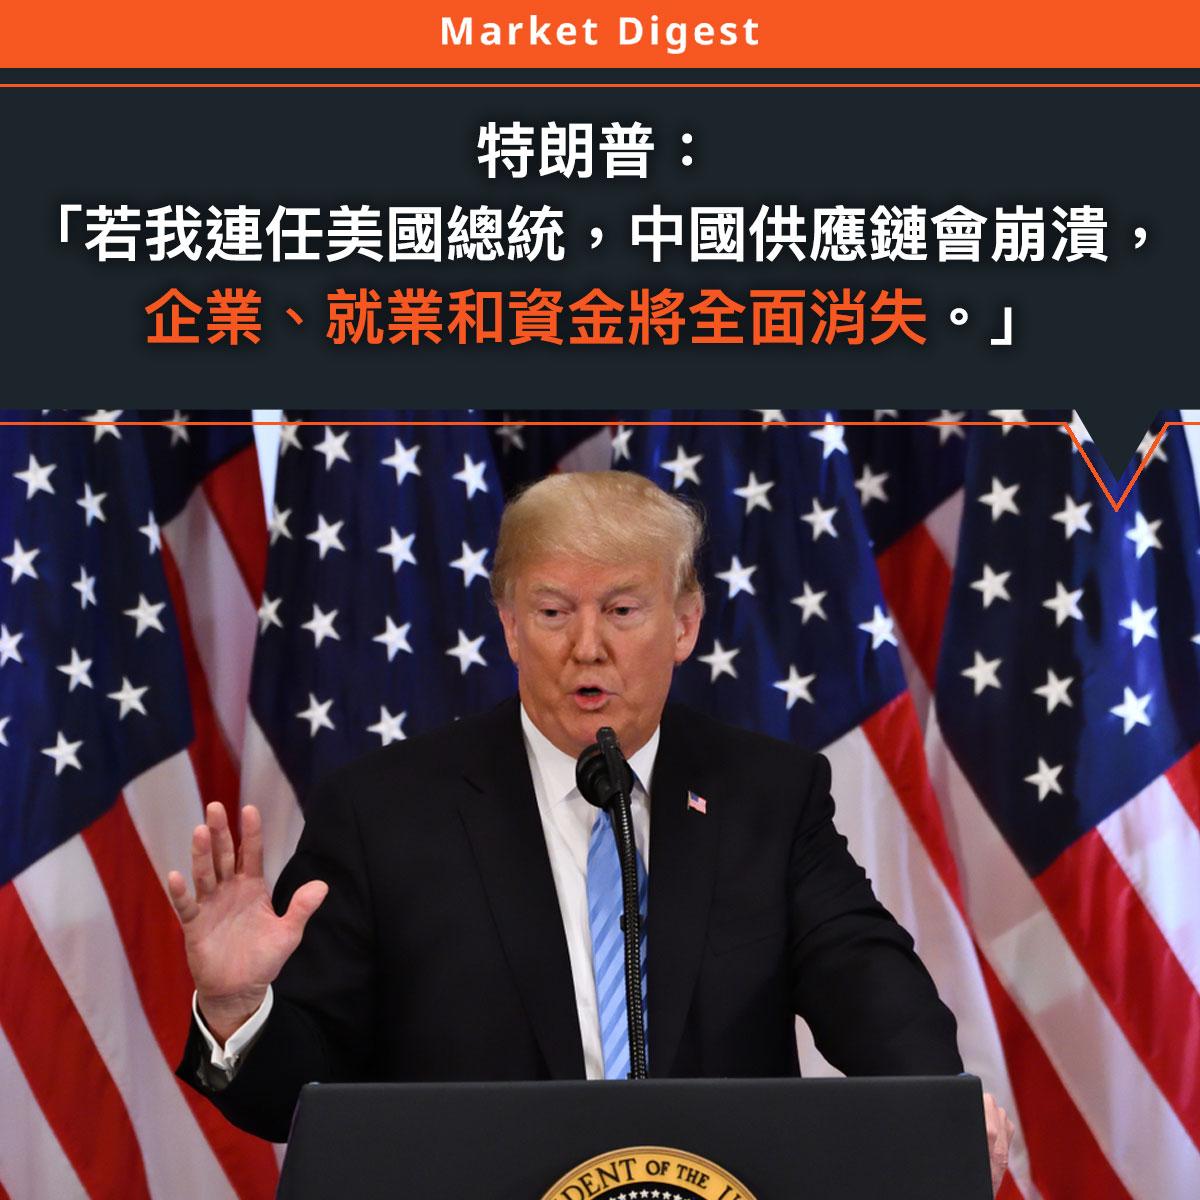 【中美貿易戰】特朗普: 「若我連任美國總統,中國供應鏈會崩潰, 企業、就業和資金將全面消失。」